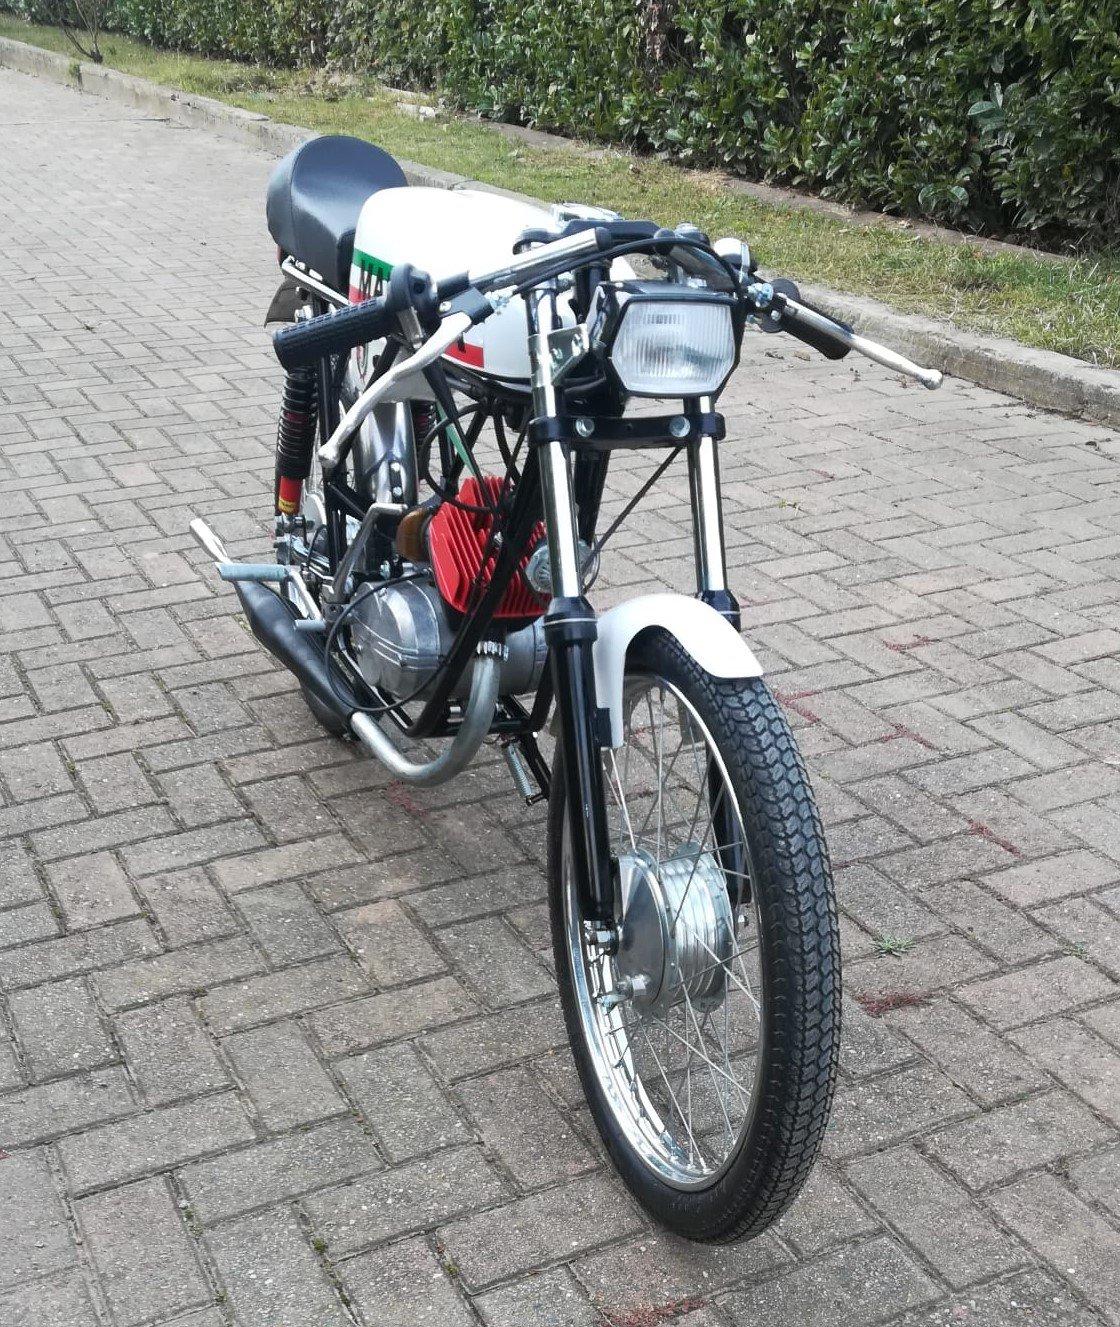 Malanca Testarossa 50cc - 1972 - Fresh restored For Sale (picture 6 of 6)